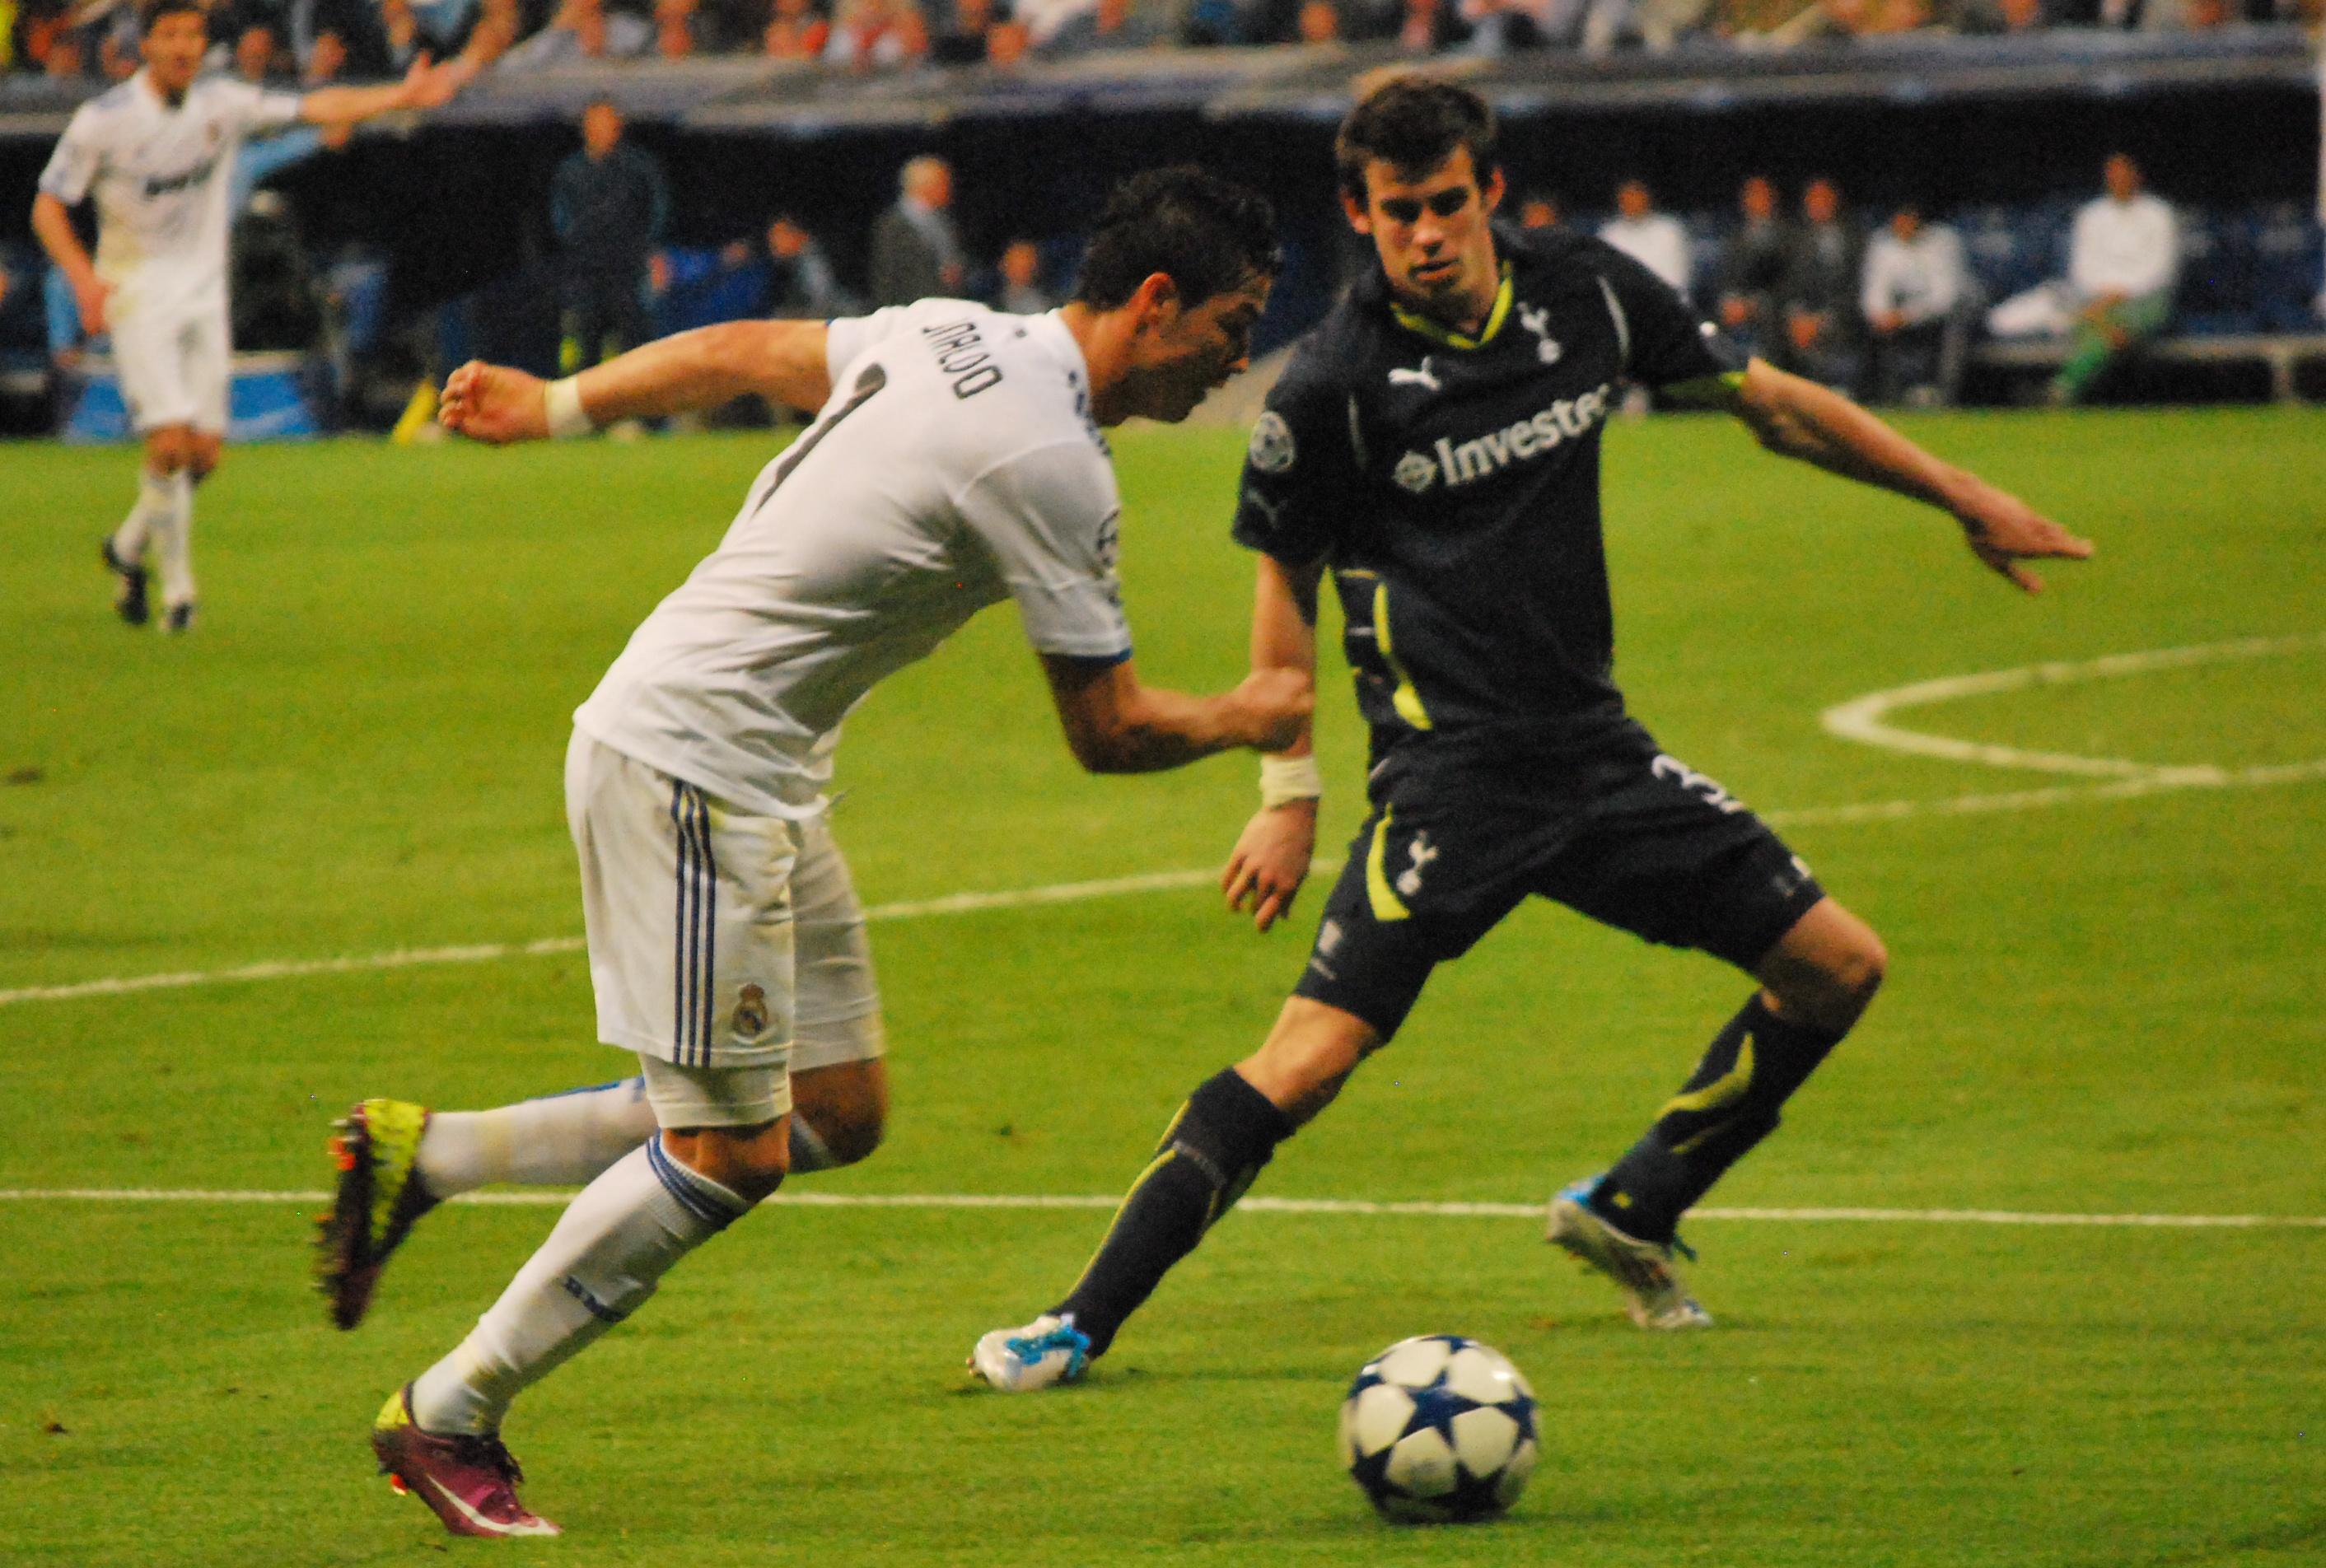 Ronaldo em partida da Liga dos Campeões da UEFA de 2010-11 d4dc963b791e2